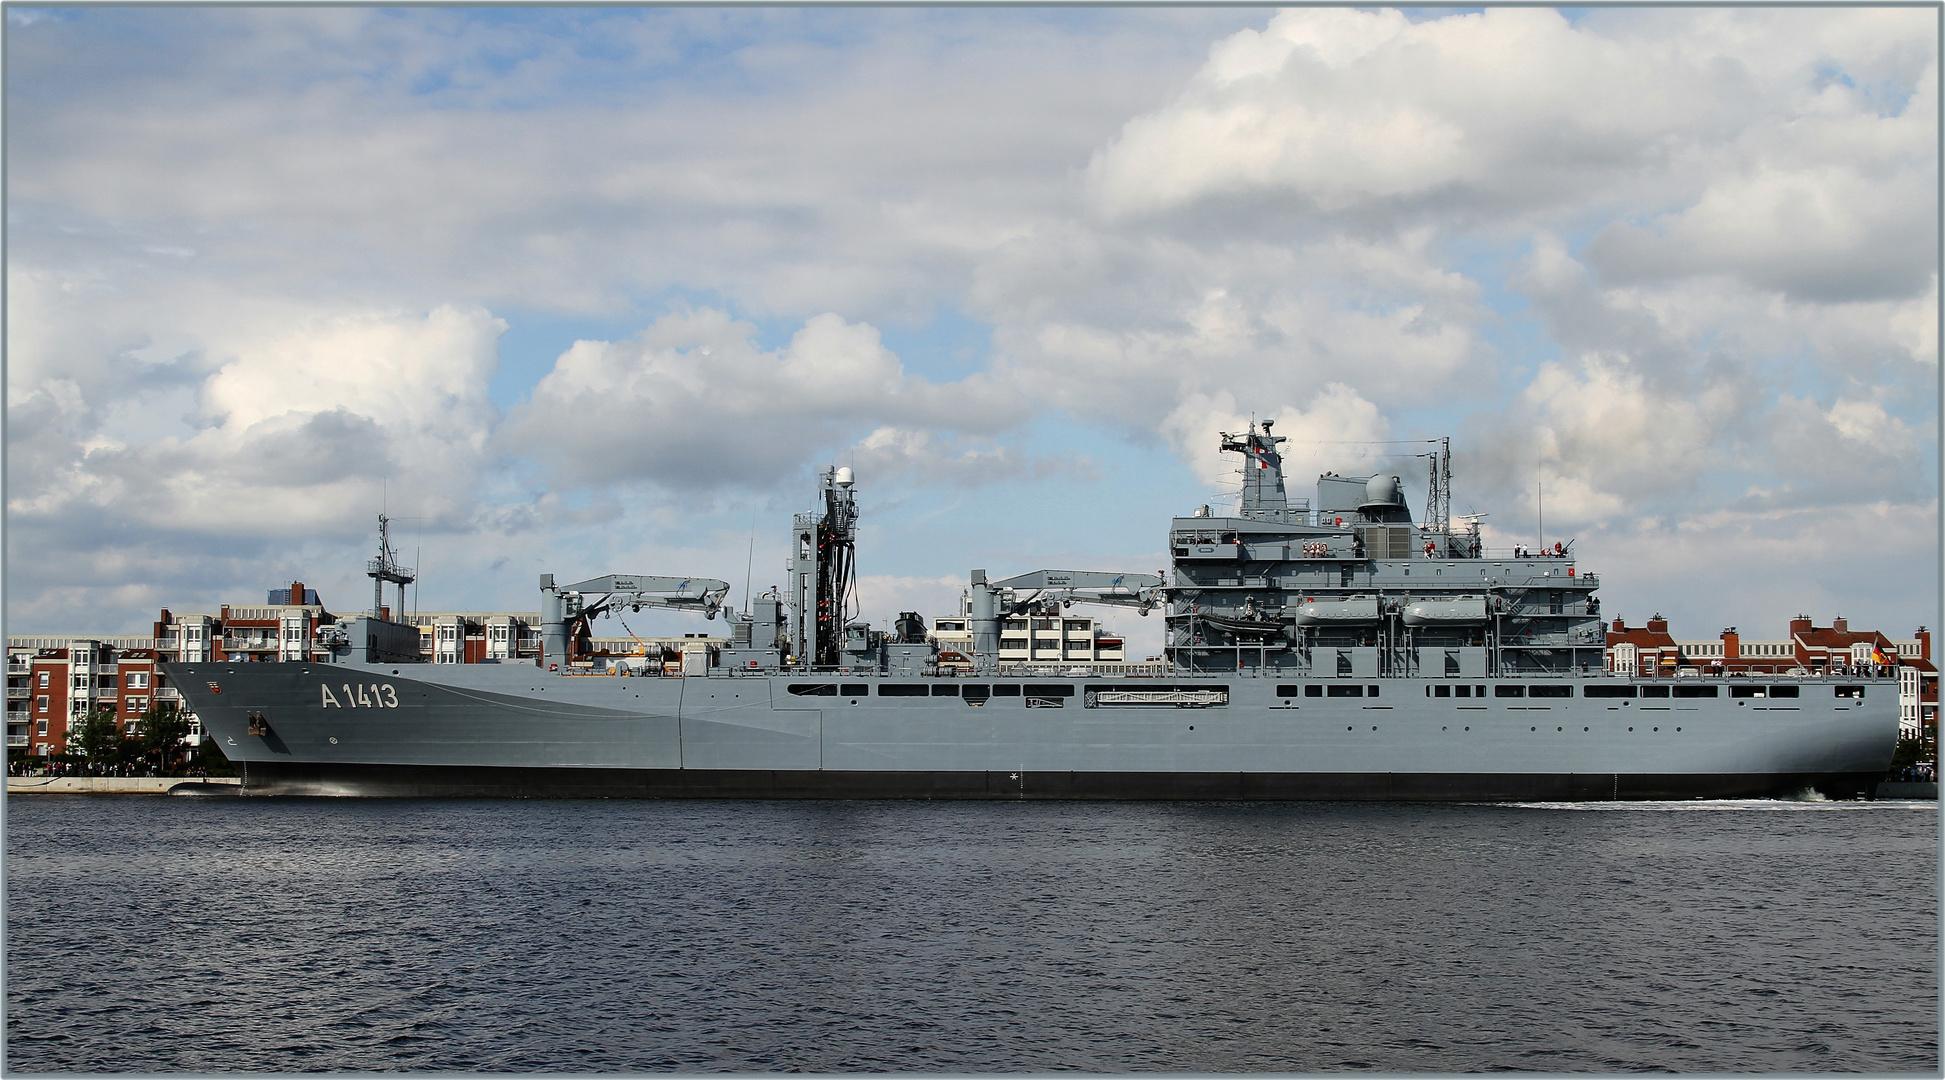 Fiddi vor Ort ... BONN A1413 ein Versorgungsschiff